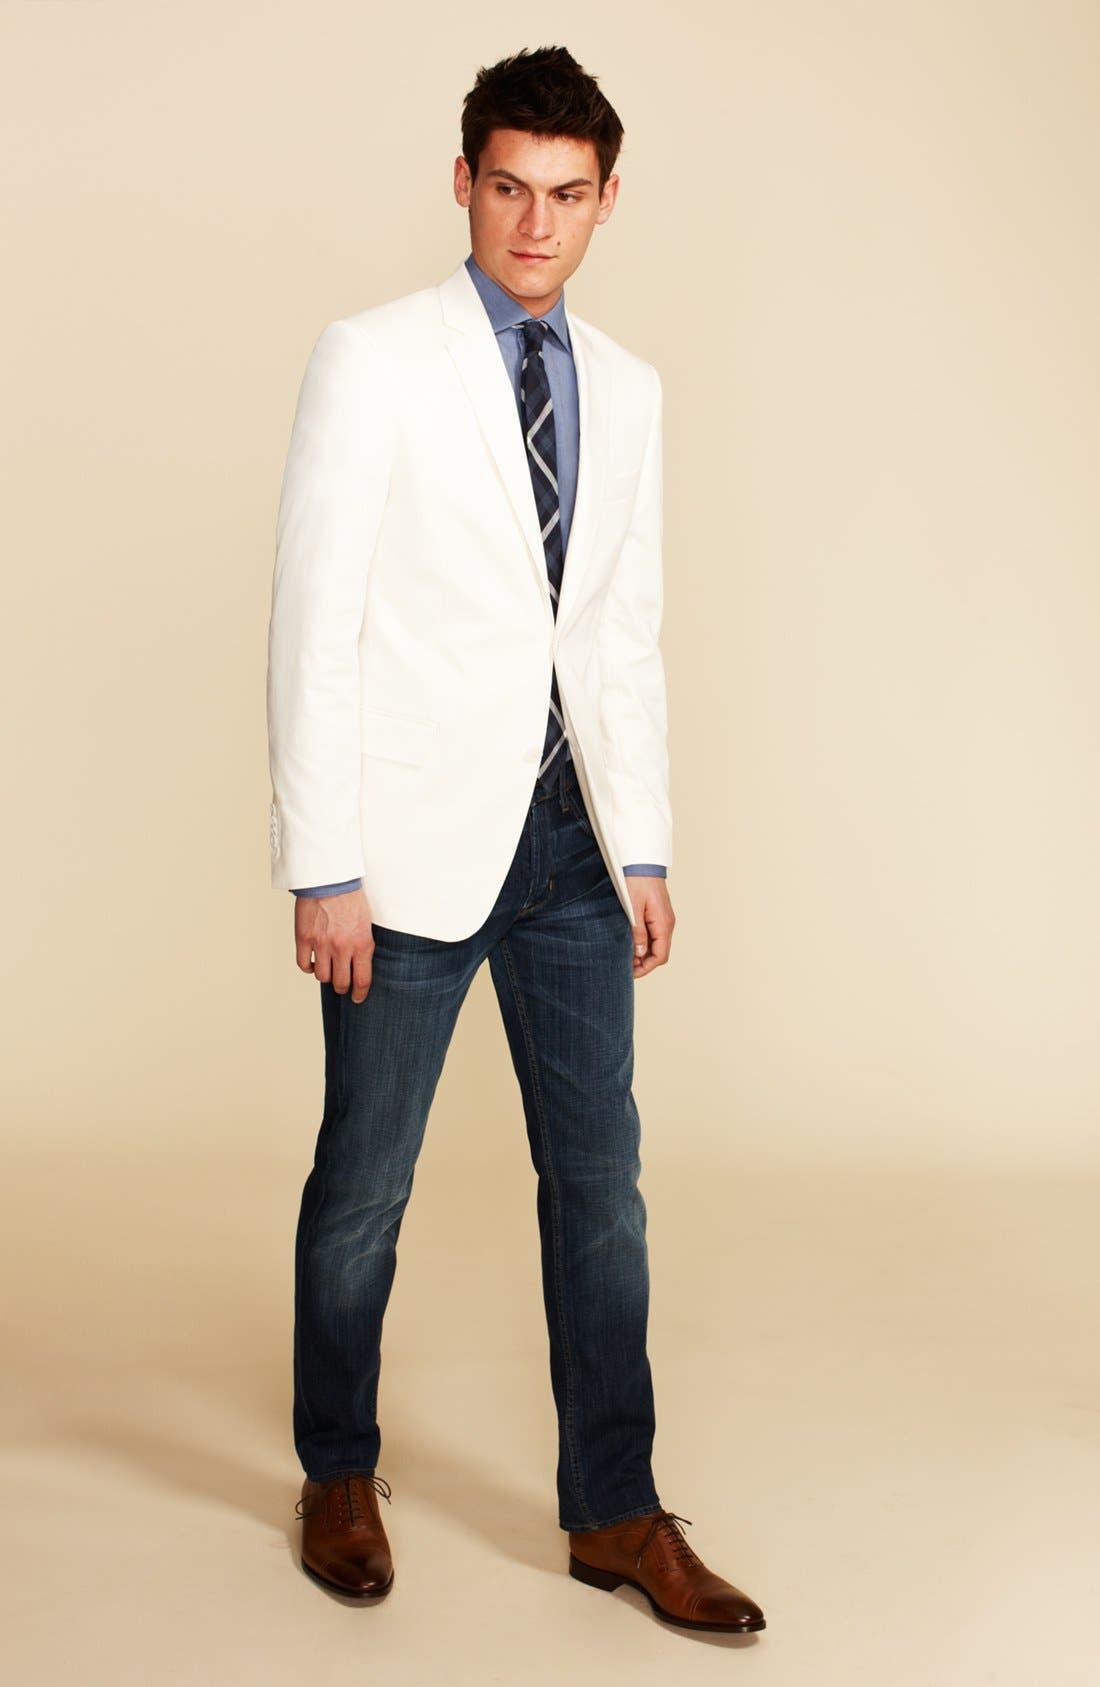 Main Image - John Varvatos Star USA Blazer, 1901 Dress Shirt & Hudson Jeans Straight Leg Jeans